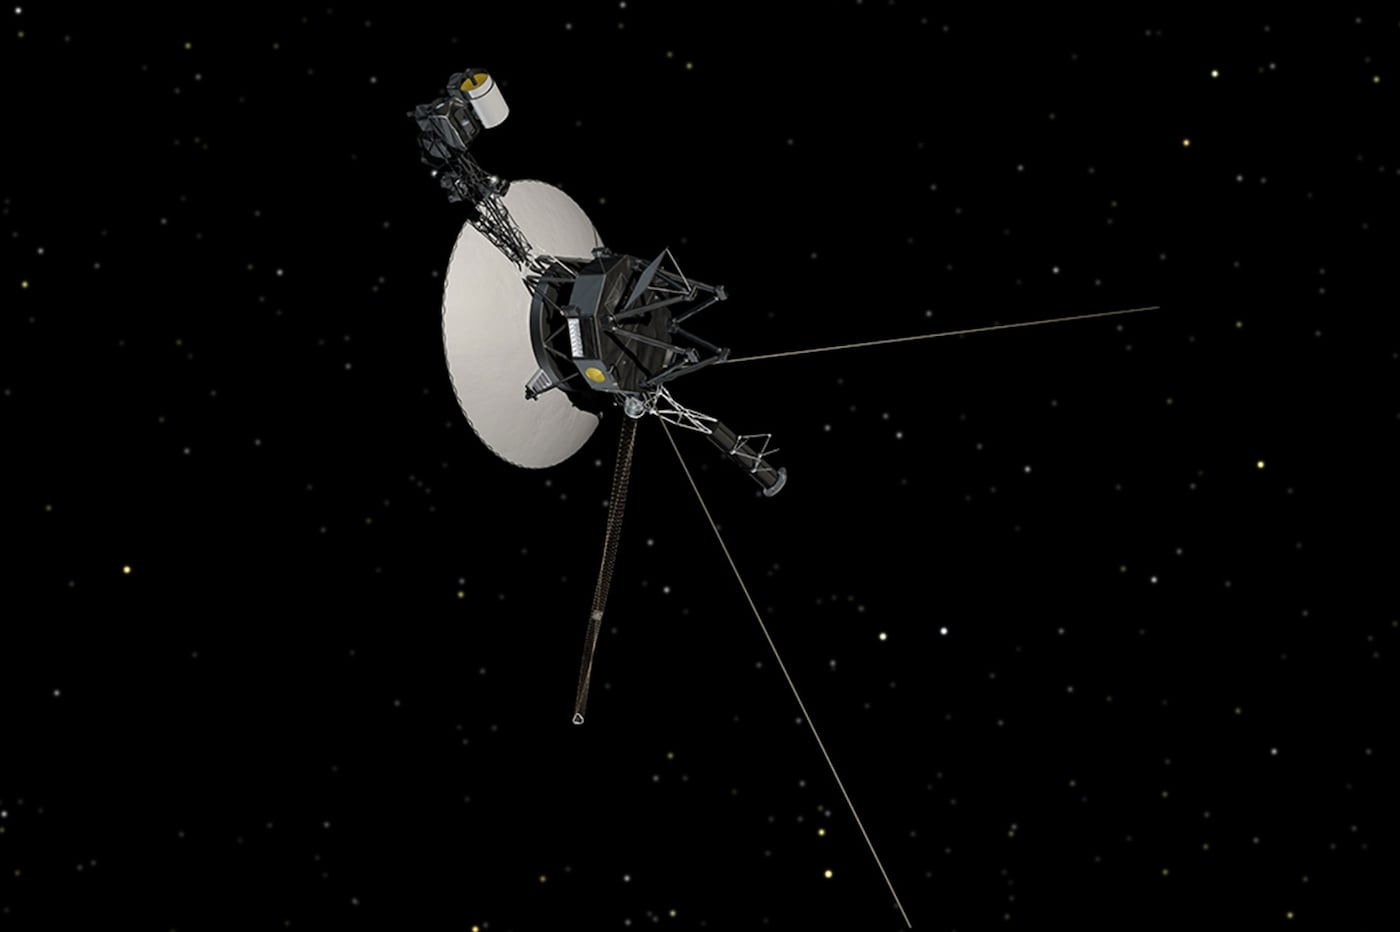 Voyager 2 NASA